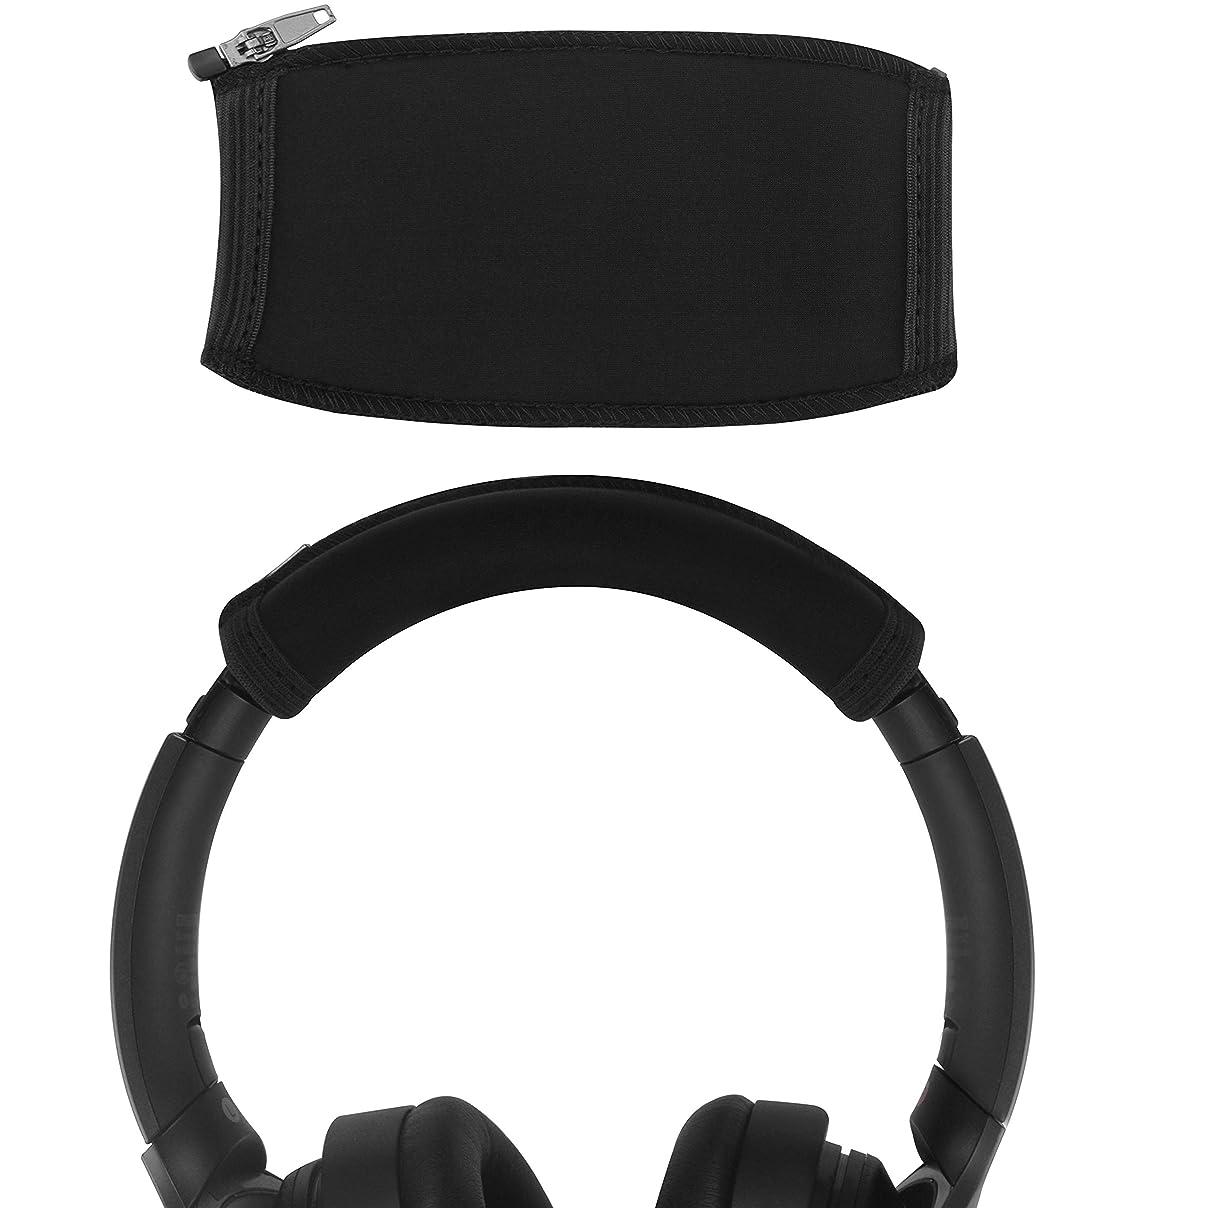 オーロック第四ウィンクヘッドフォン用ヘッドバンドカバー SONY MDR-XB950BT XB650BT XB800 XB900 XB920 XB600 XB610 MDR-100 等ヘッドホン用 簡単なインストール